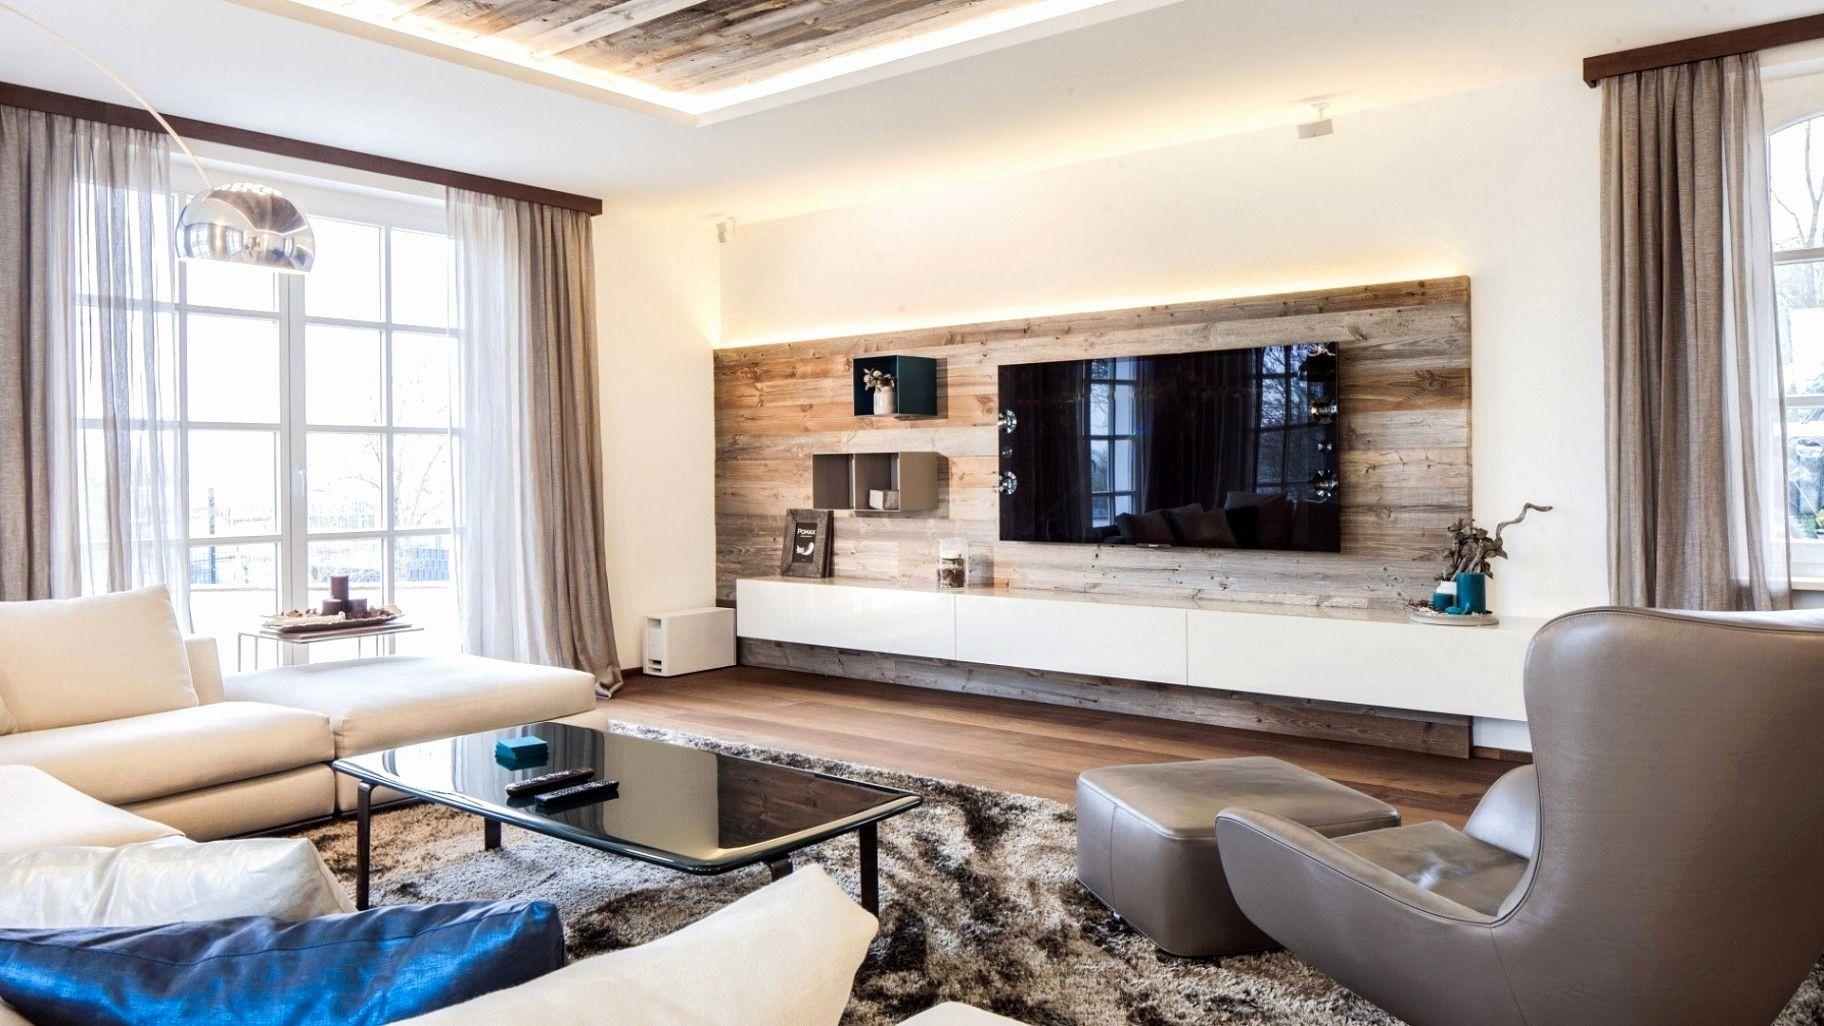 Wohnzimmer Modern Gestalten Konzept: Die Beste Idee In Diesem Jahr